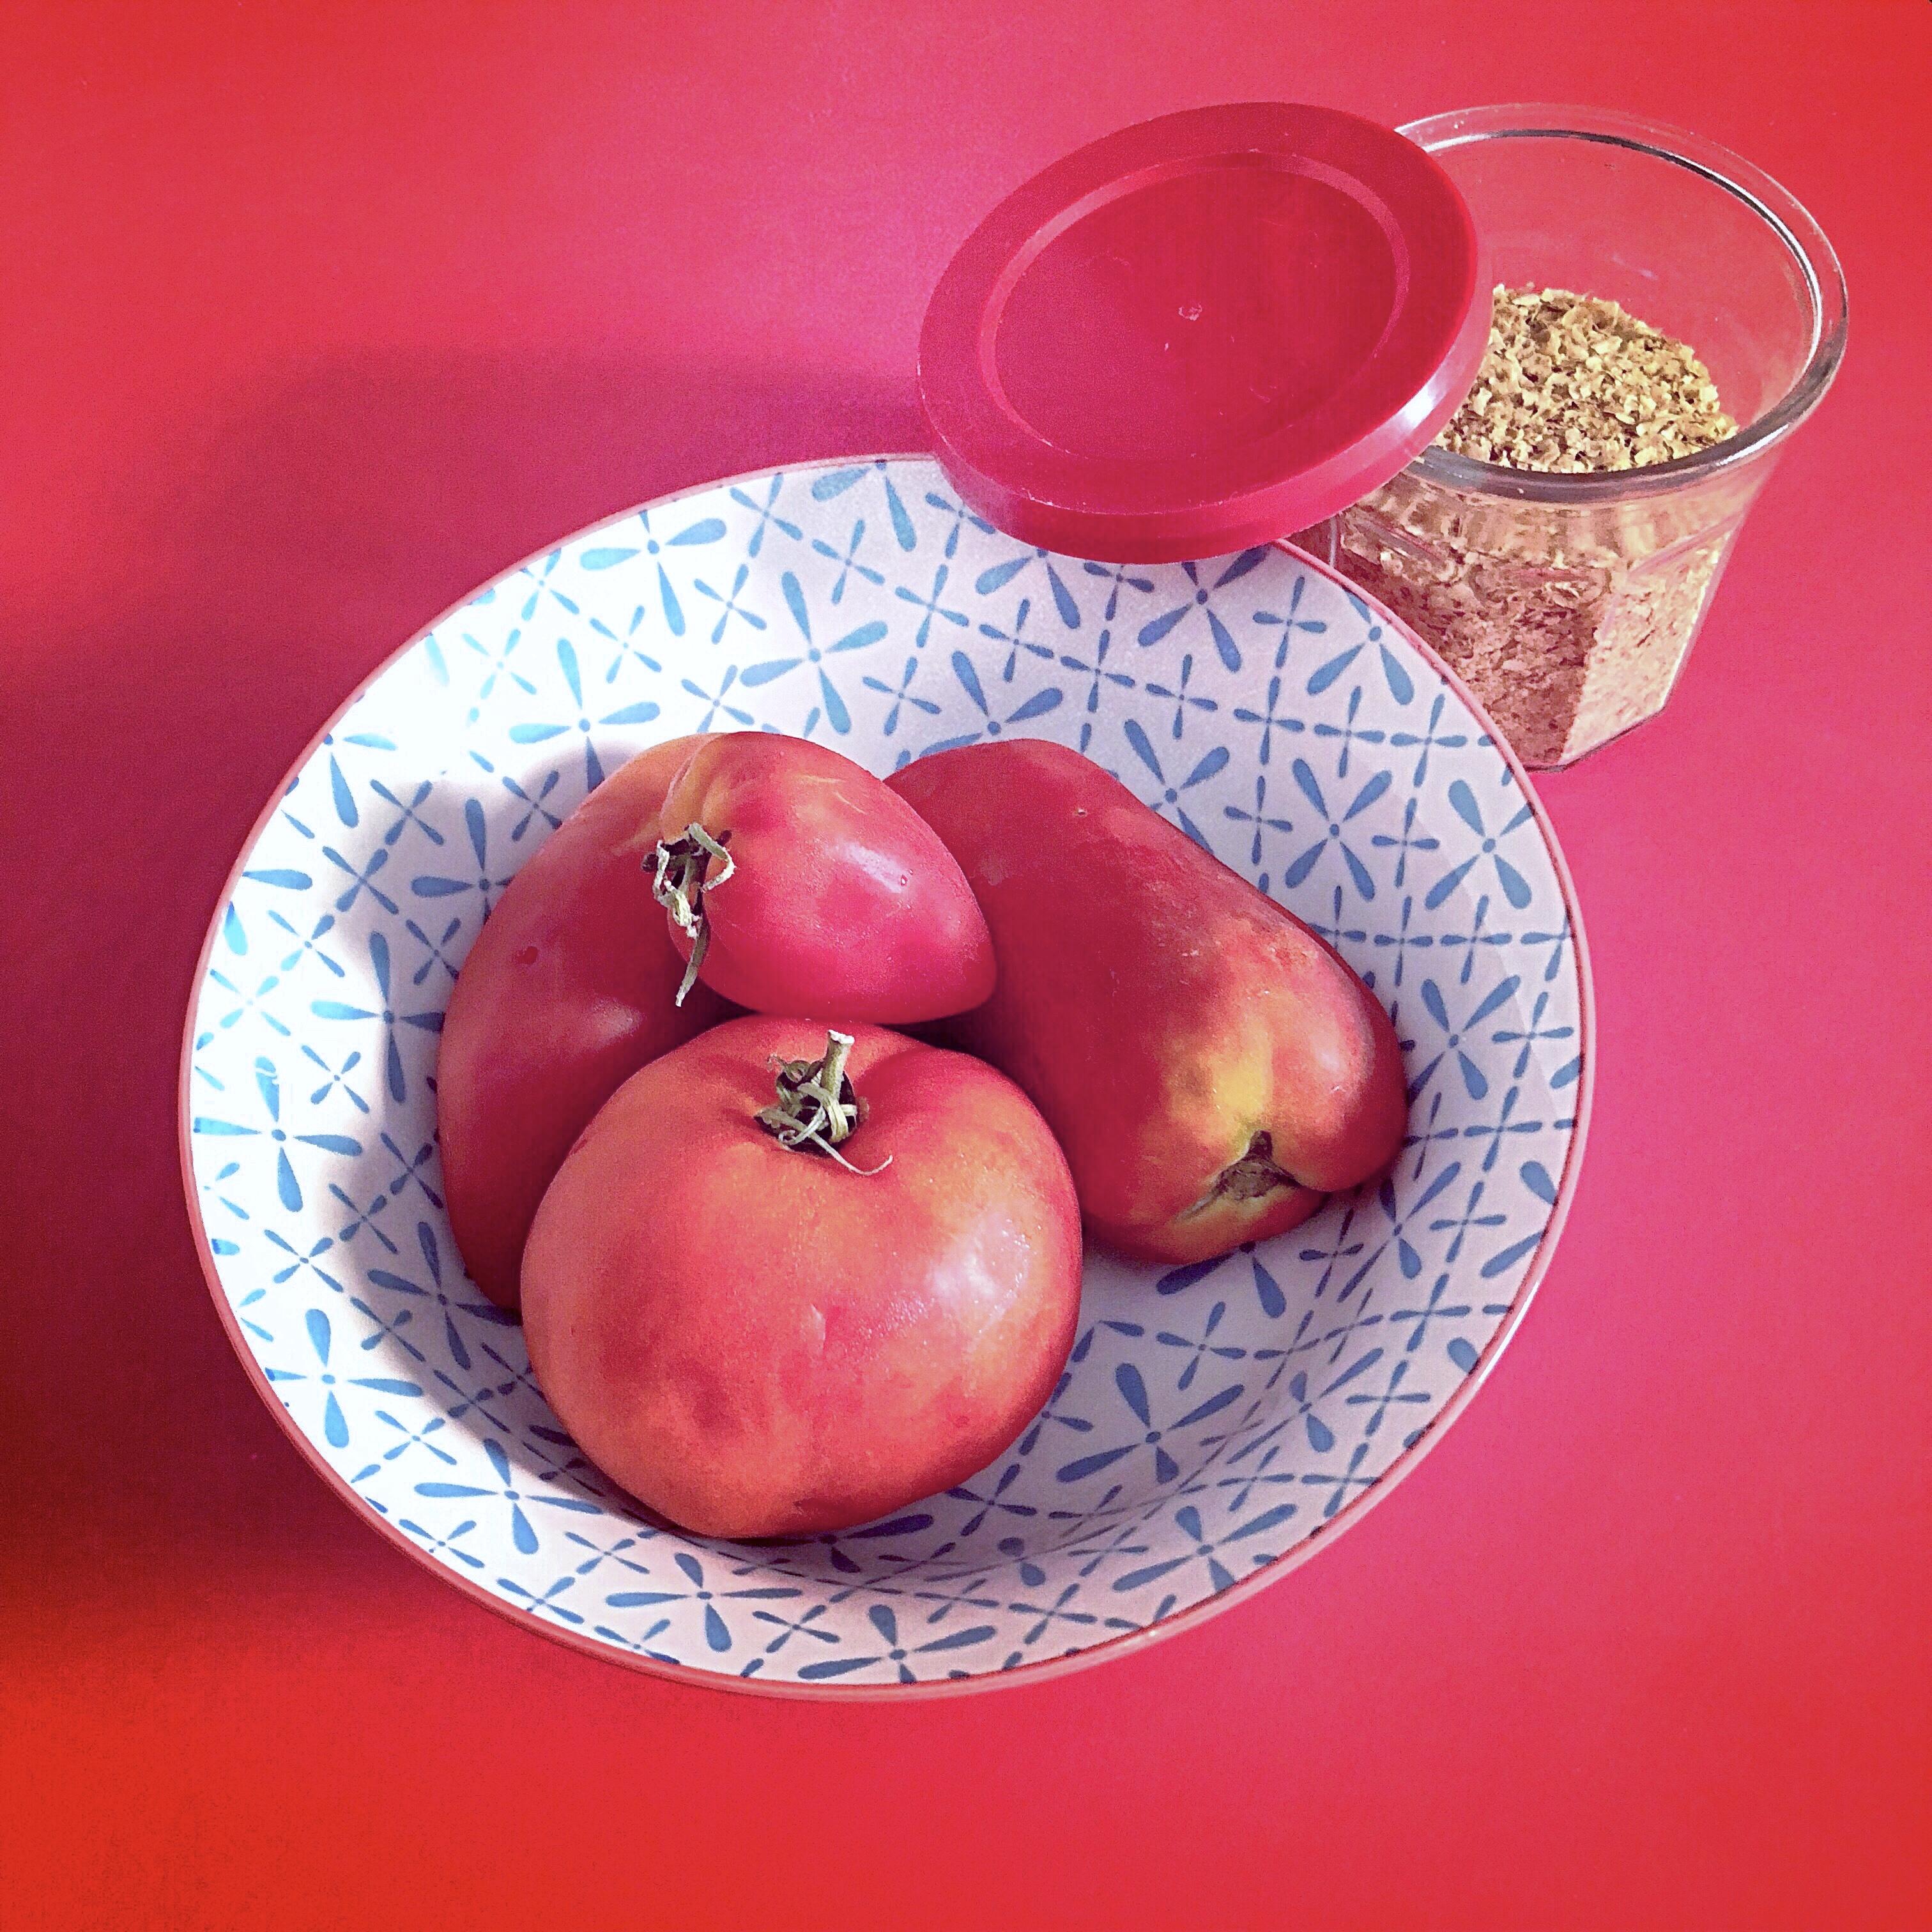 IMG 3106 - La petite salade d'été pour une grosse faim